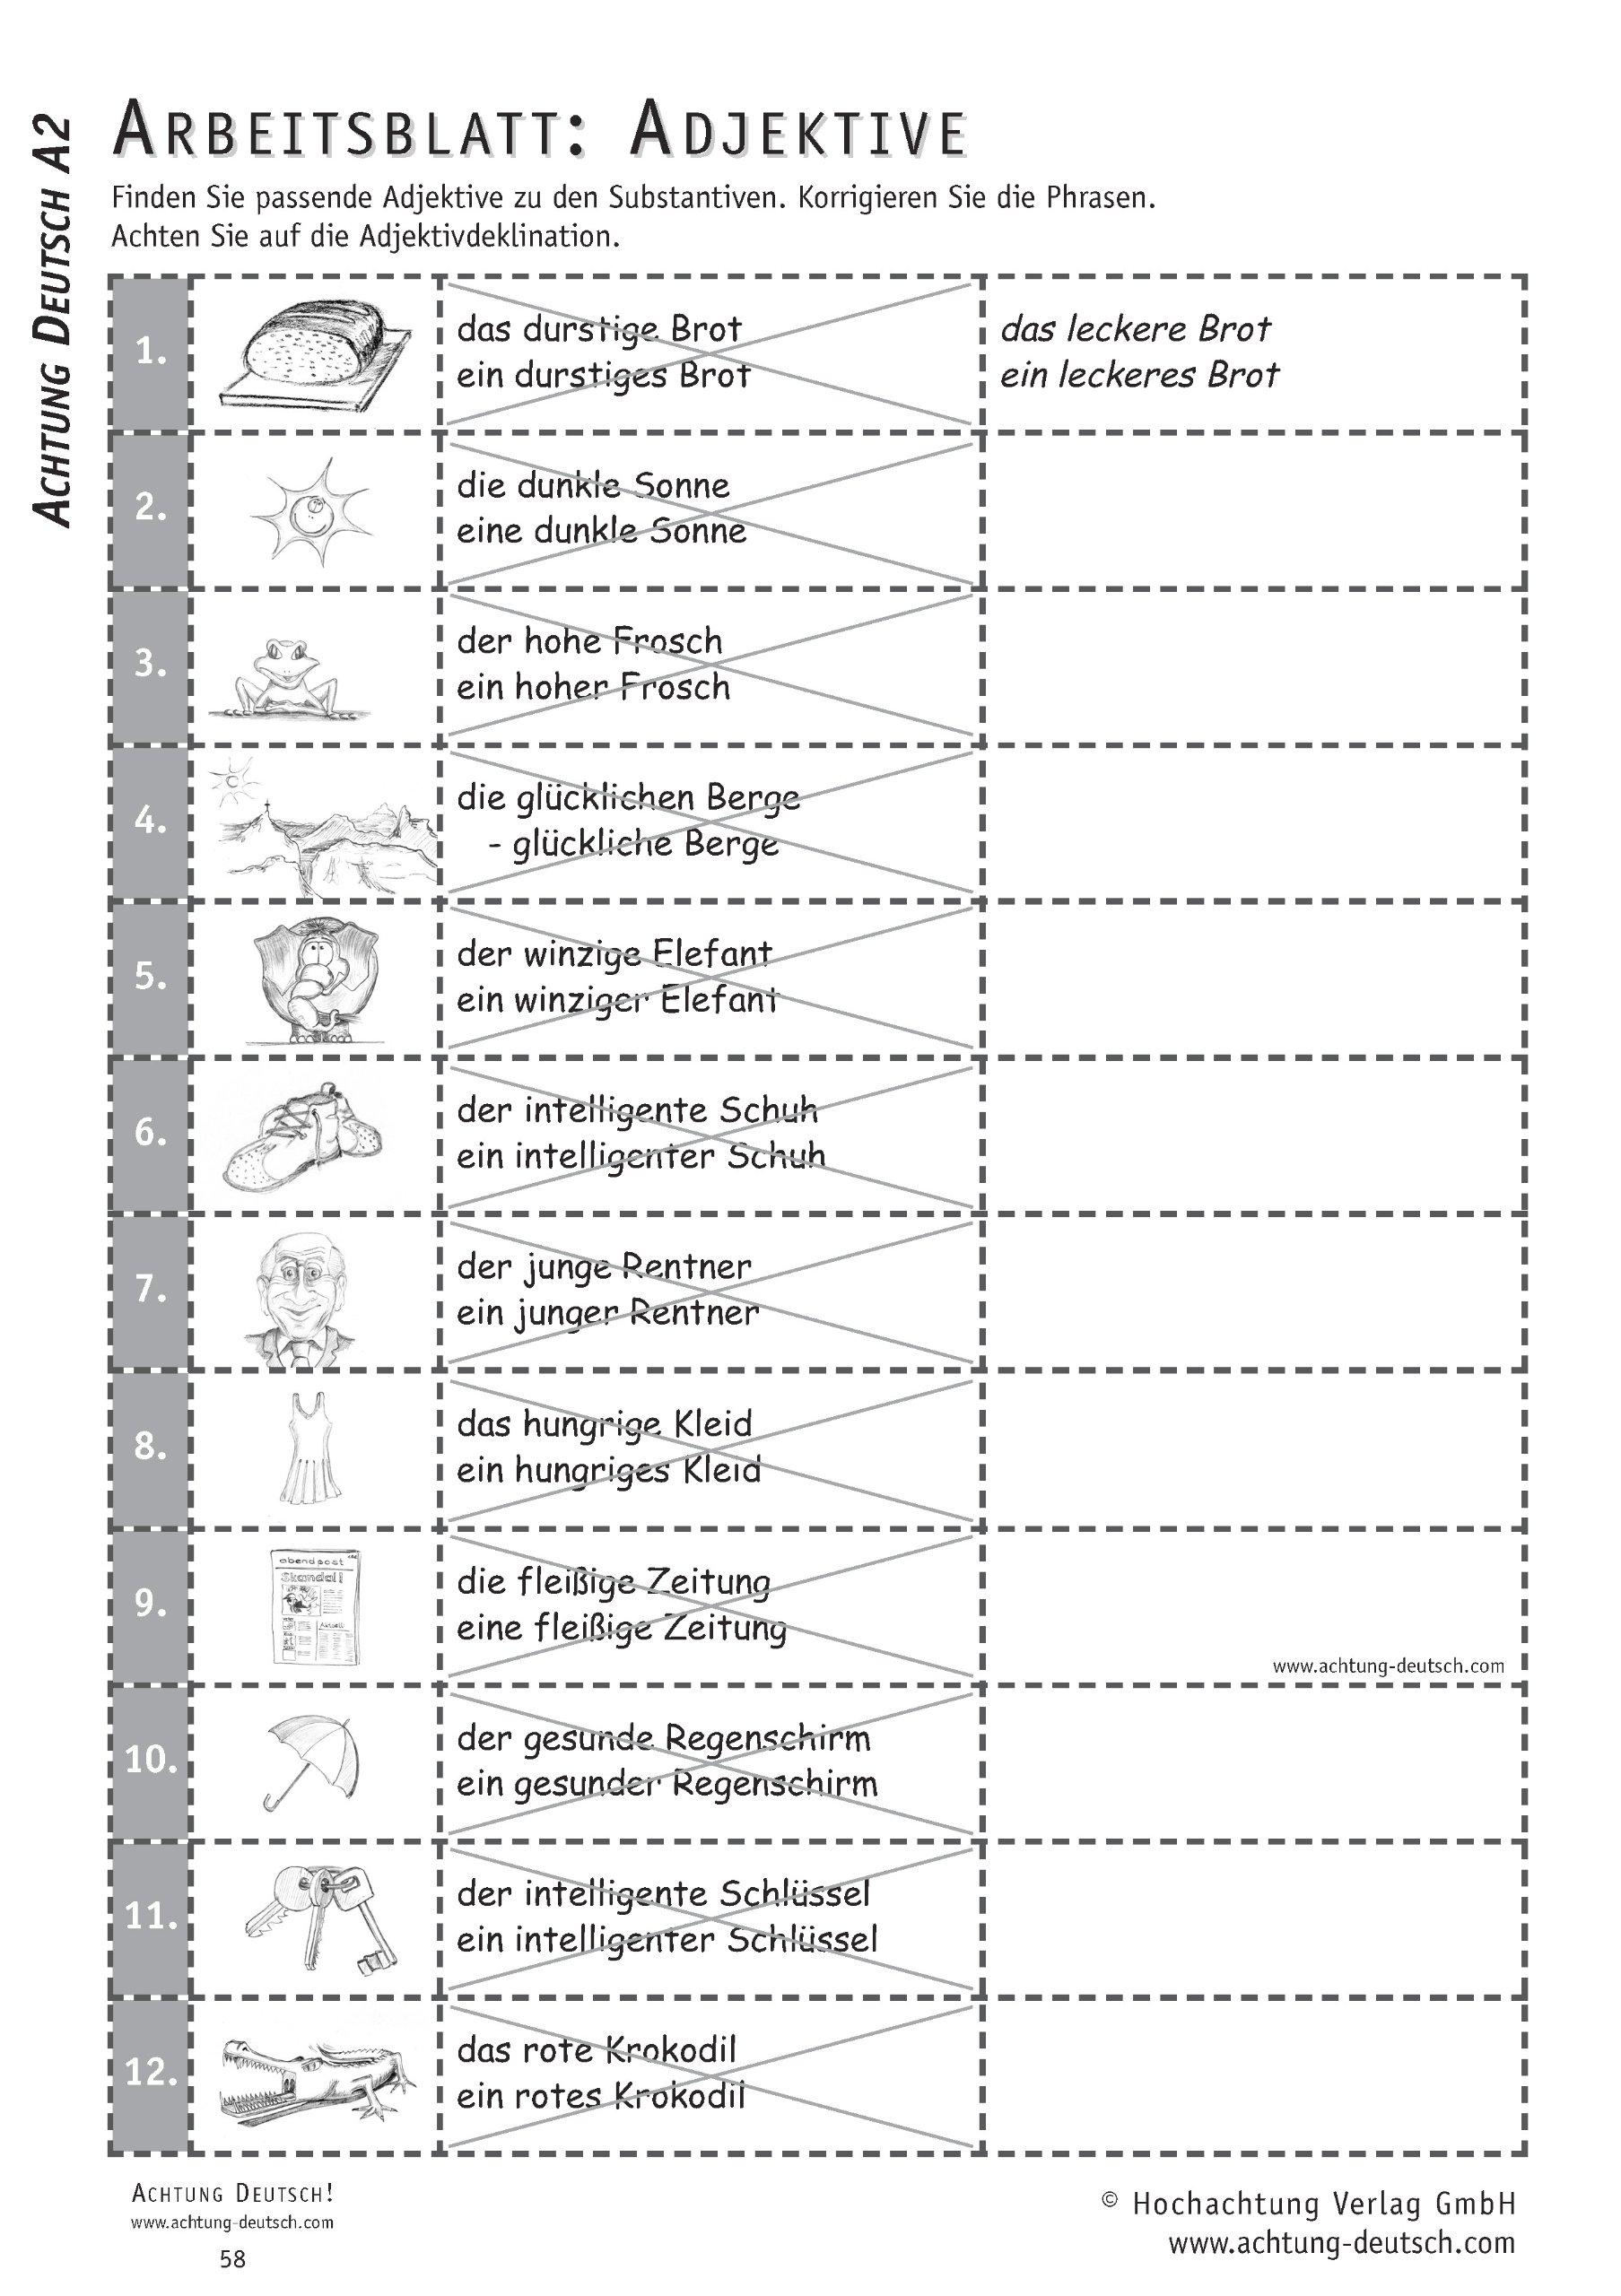 Berühmt Ks1 Konnektive Arbeitsblatt Galerie - Super Lehrer ...